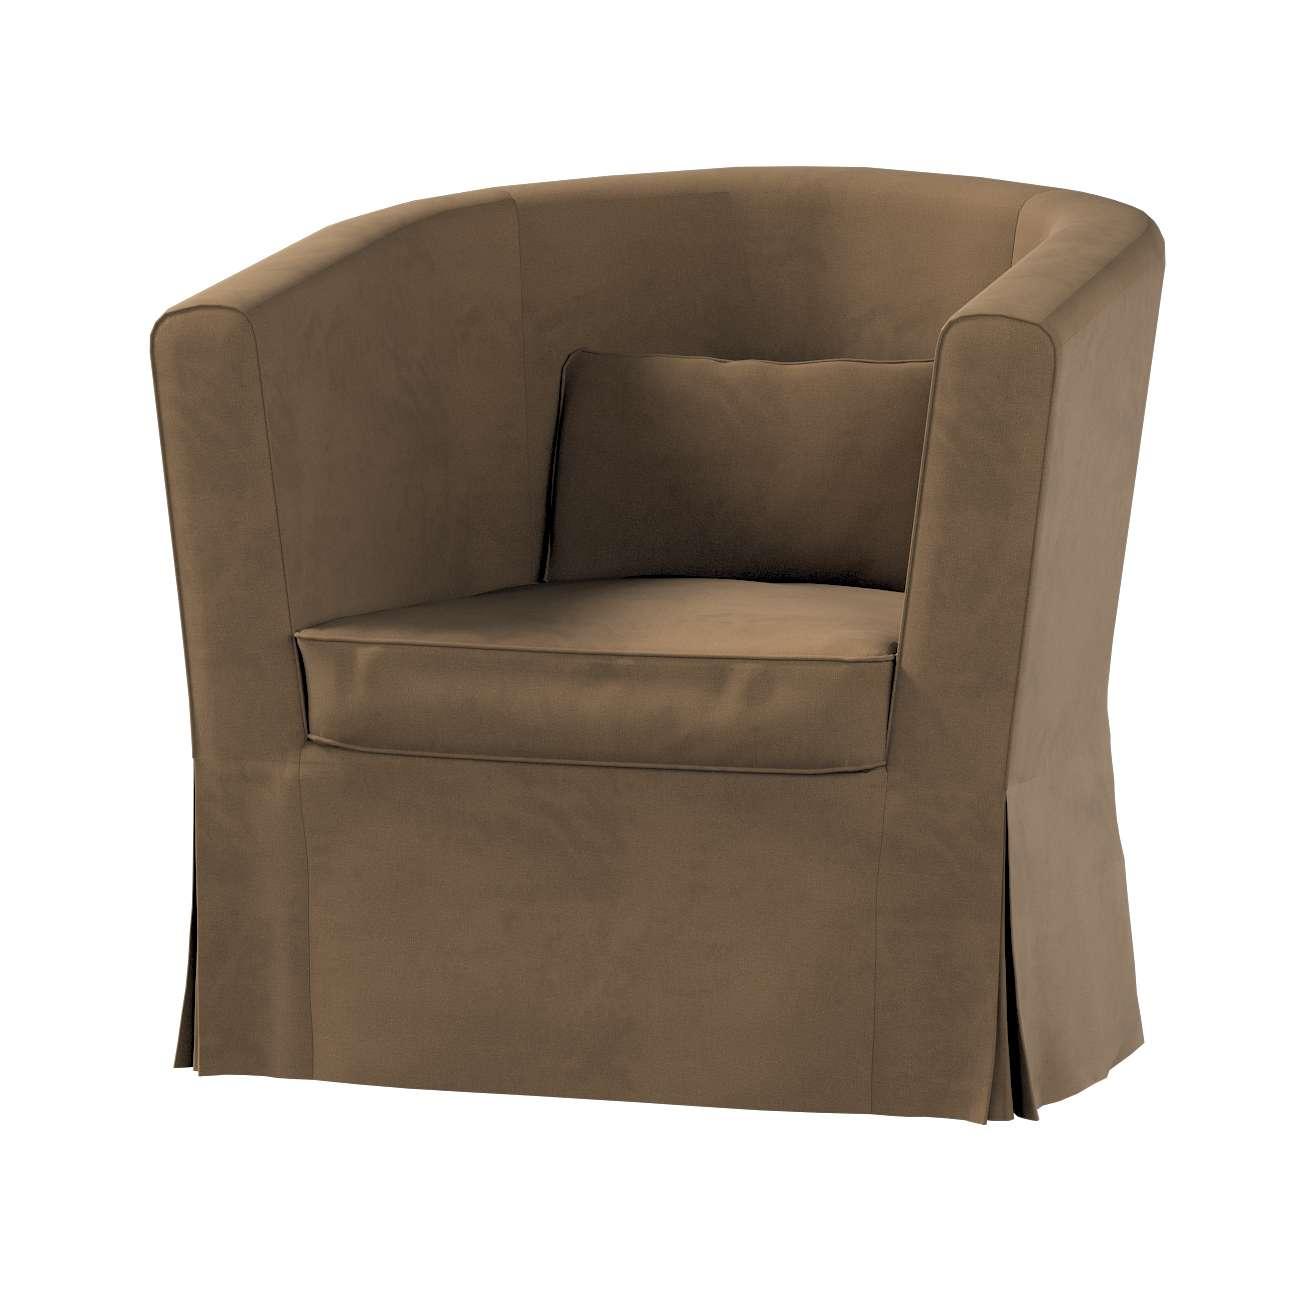 Pokrowiec na fotel Ektorp Tullsta w kolekcji Living II, tkanina: 160-94